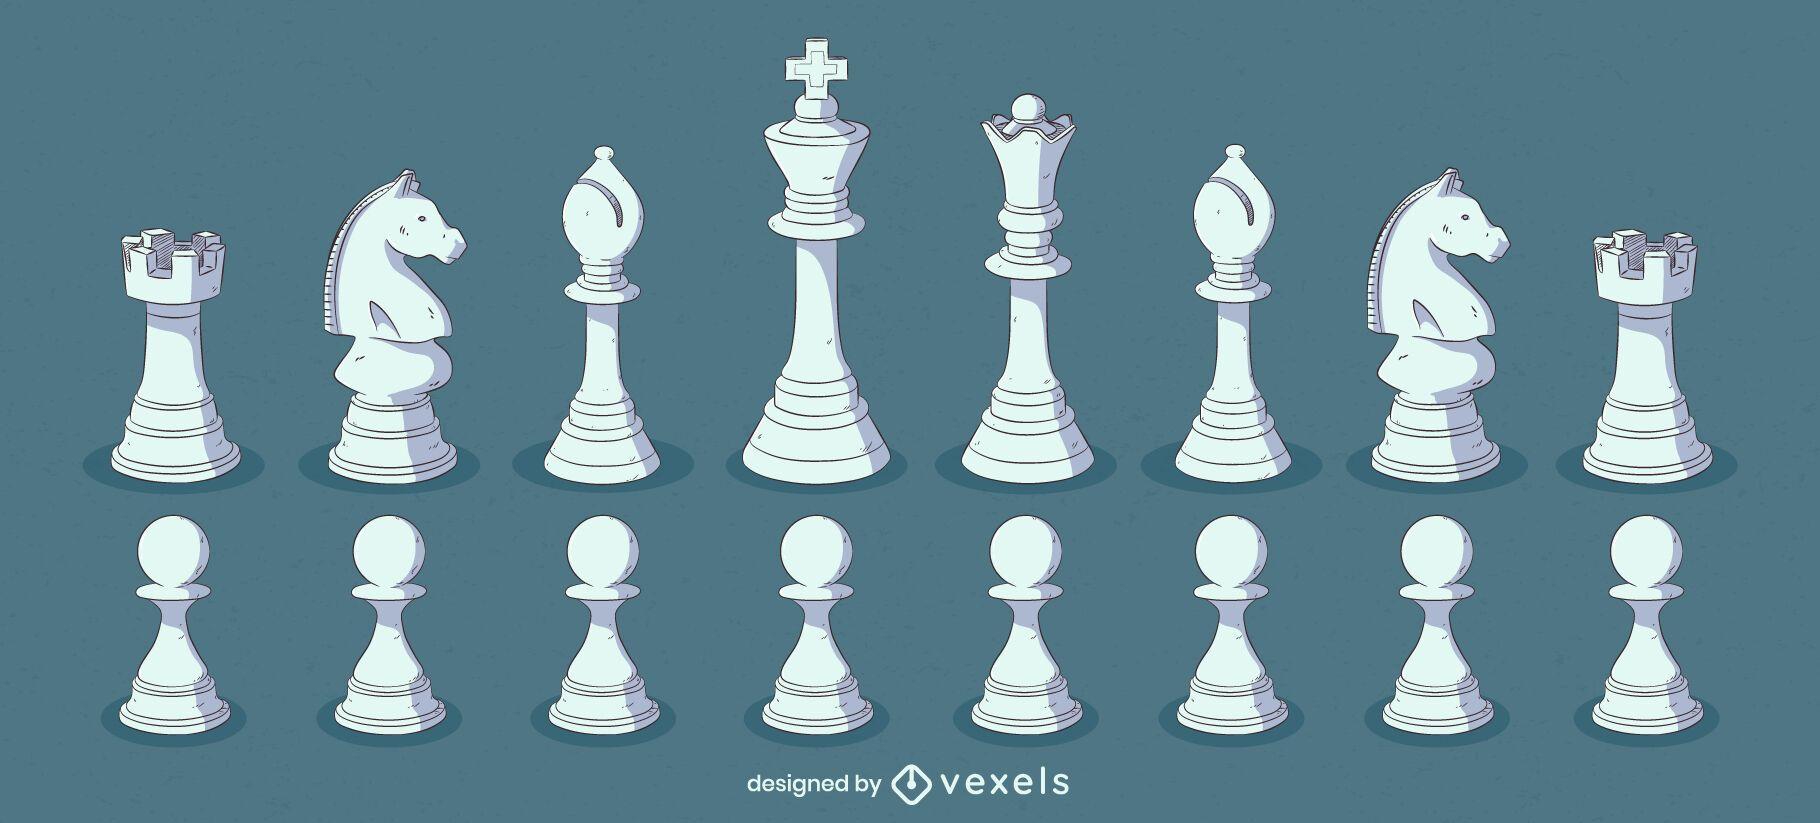 Conjunto de ilustração de cores de peças de xadrez brancas